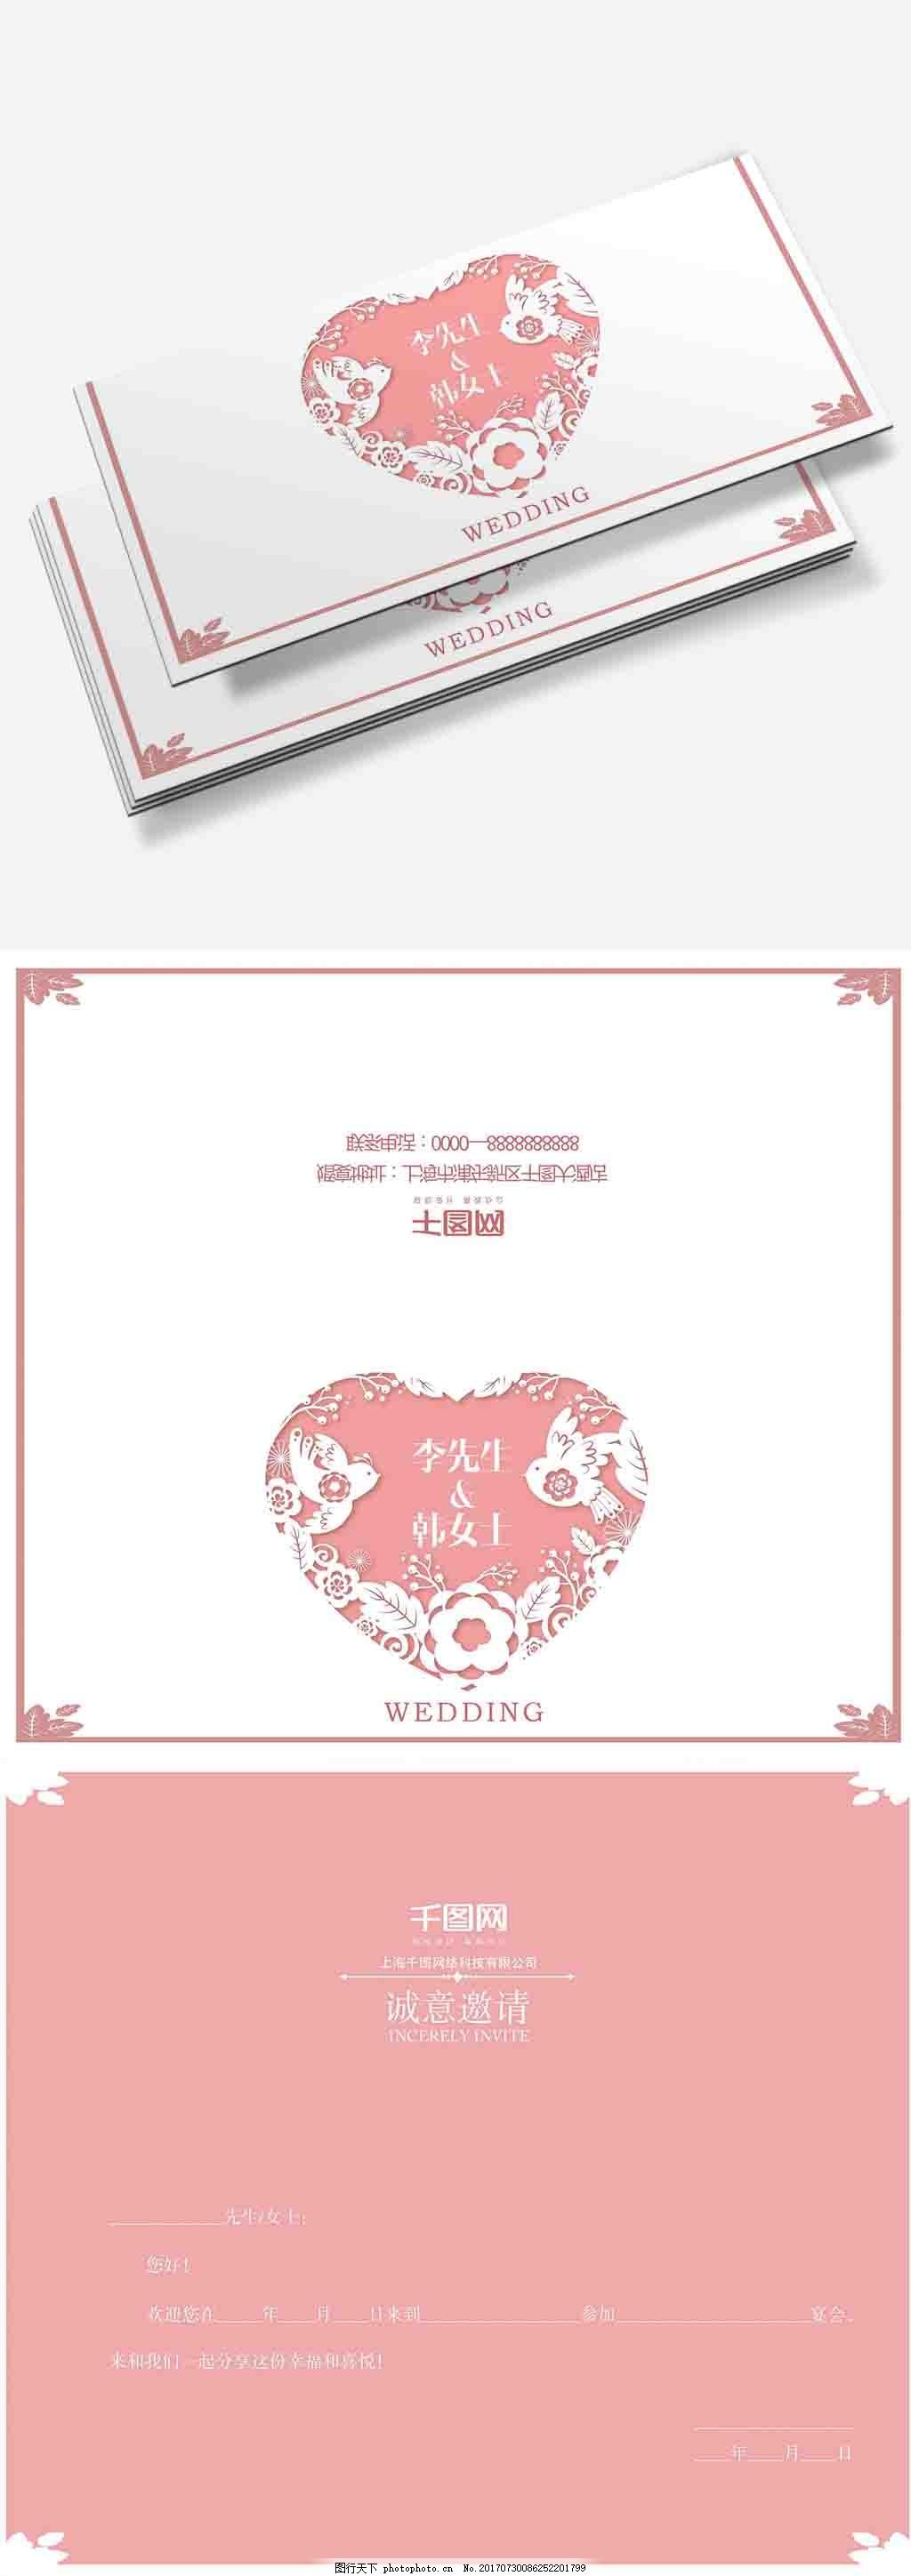 粉色浪漫婚礼请柬邀请函模板设计 贺卡 请柬请帖 电子邀请函 企业邀请函